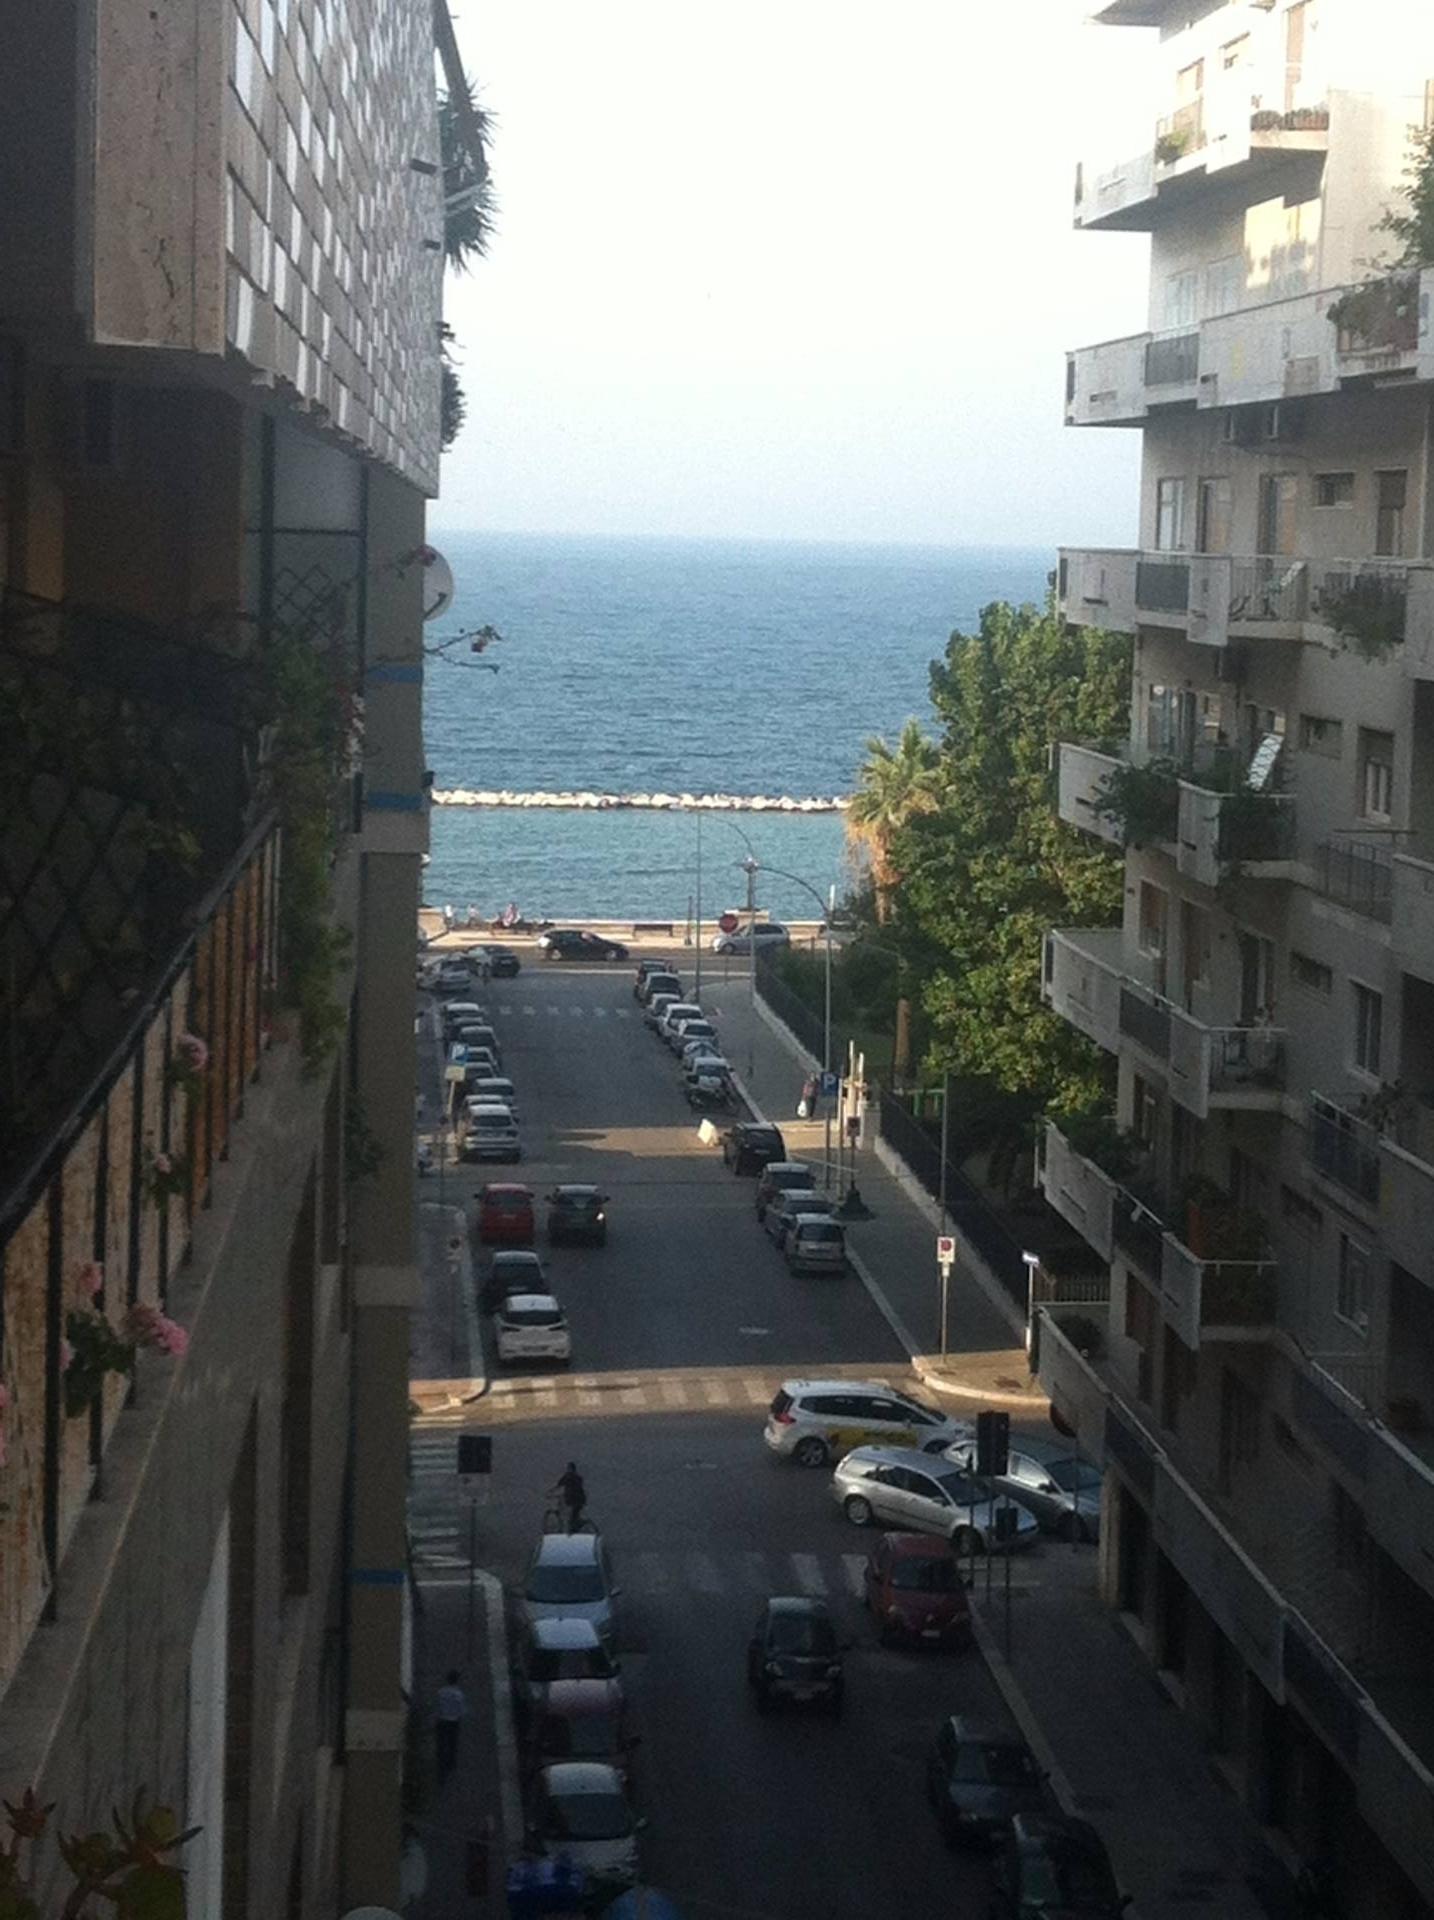 Appartamento in vendita a Bari, 5 locali, zona Zona: Madonnella, prezzo € 280.000 | CambioCasa.it